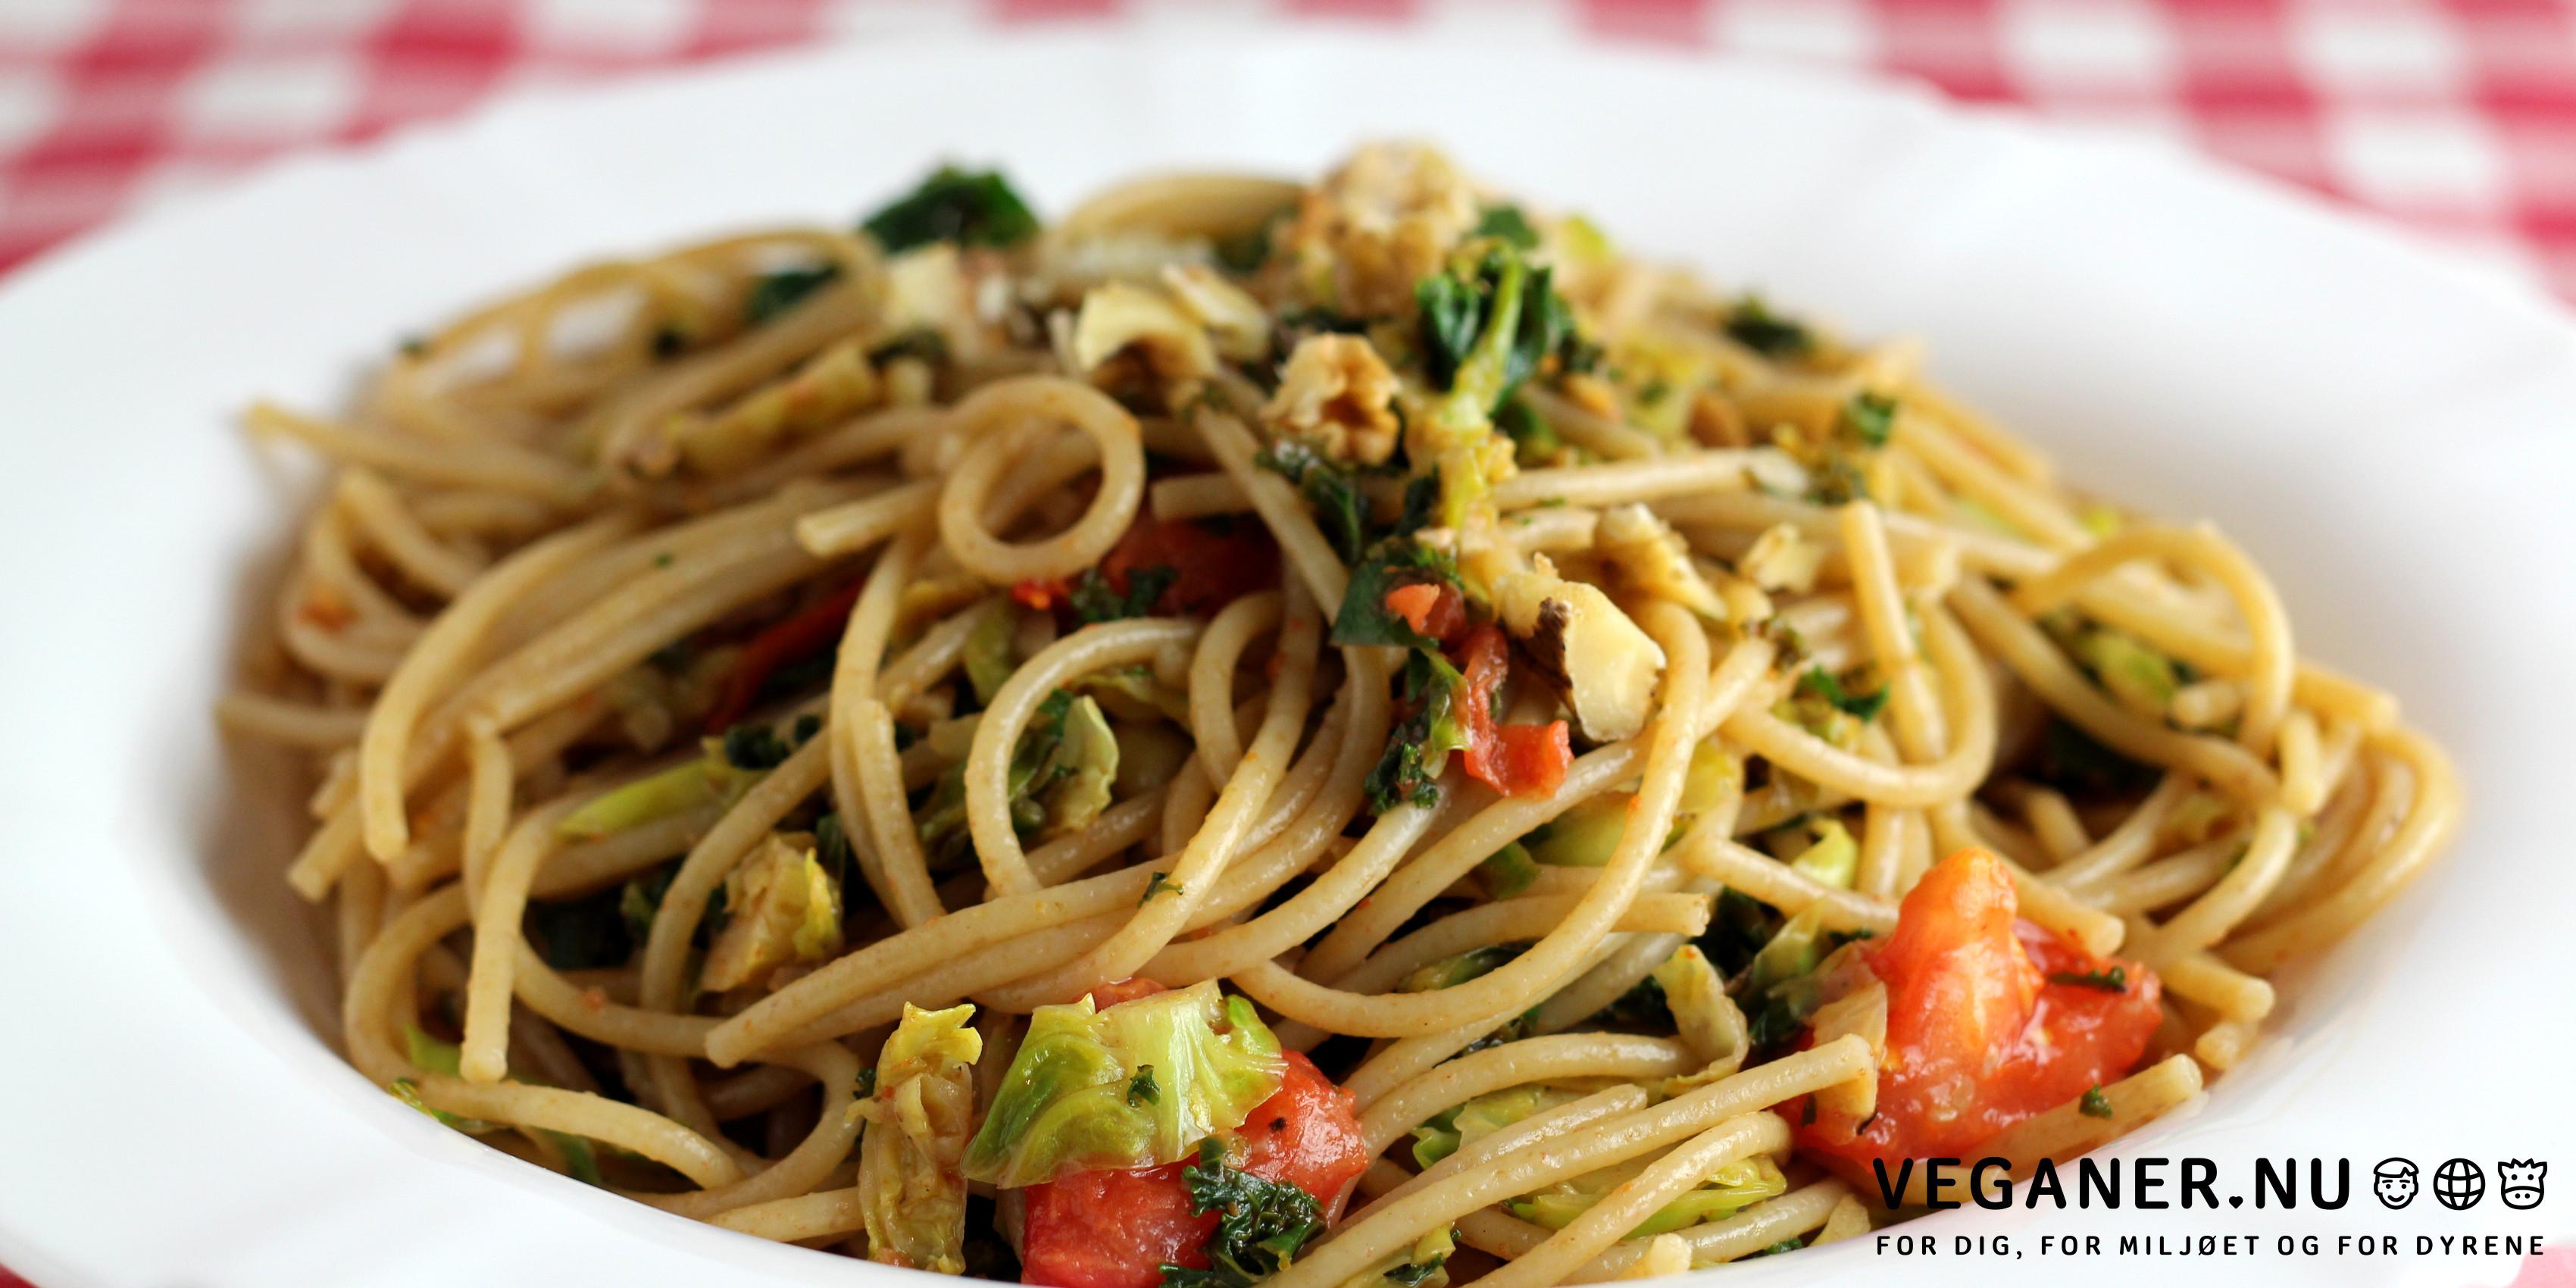 Veganer.nu-spaghetti med rosenkål, valnødder og citron